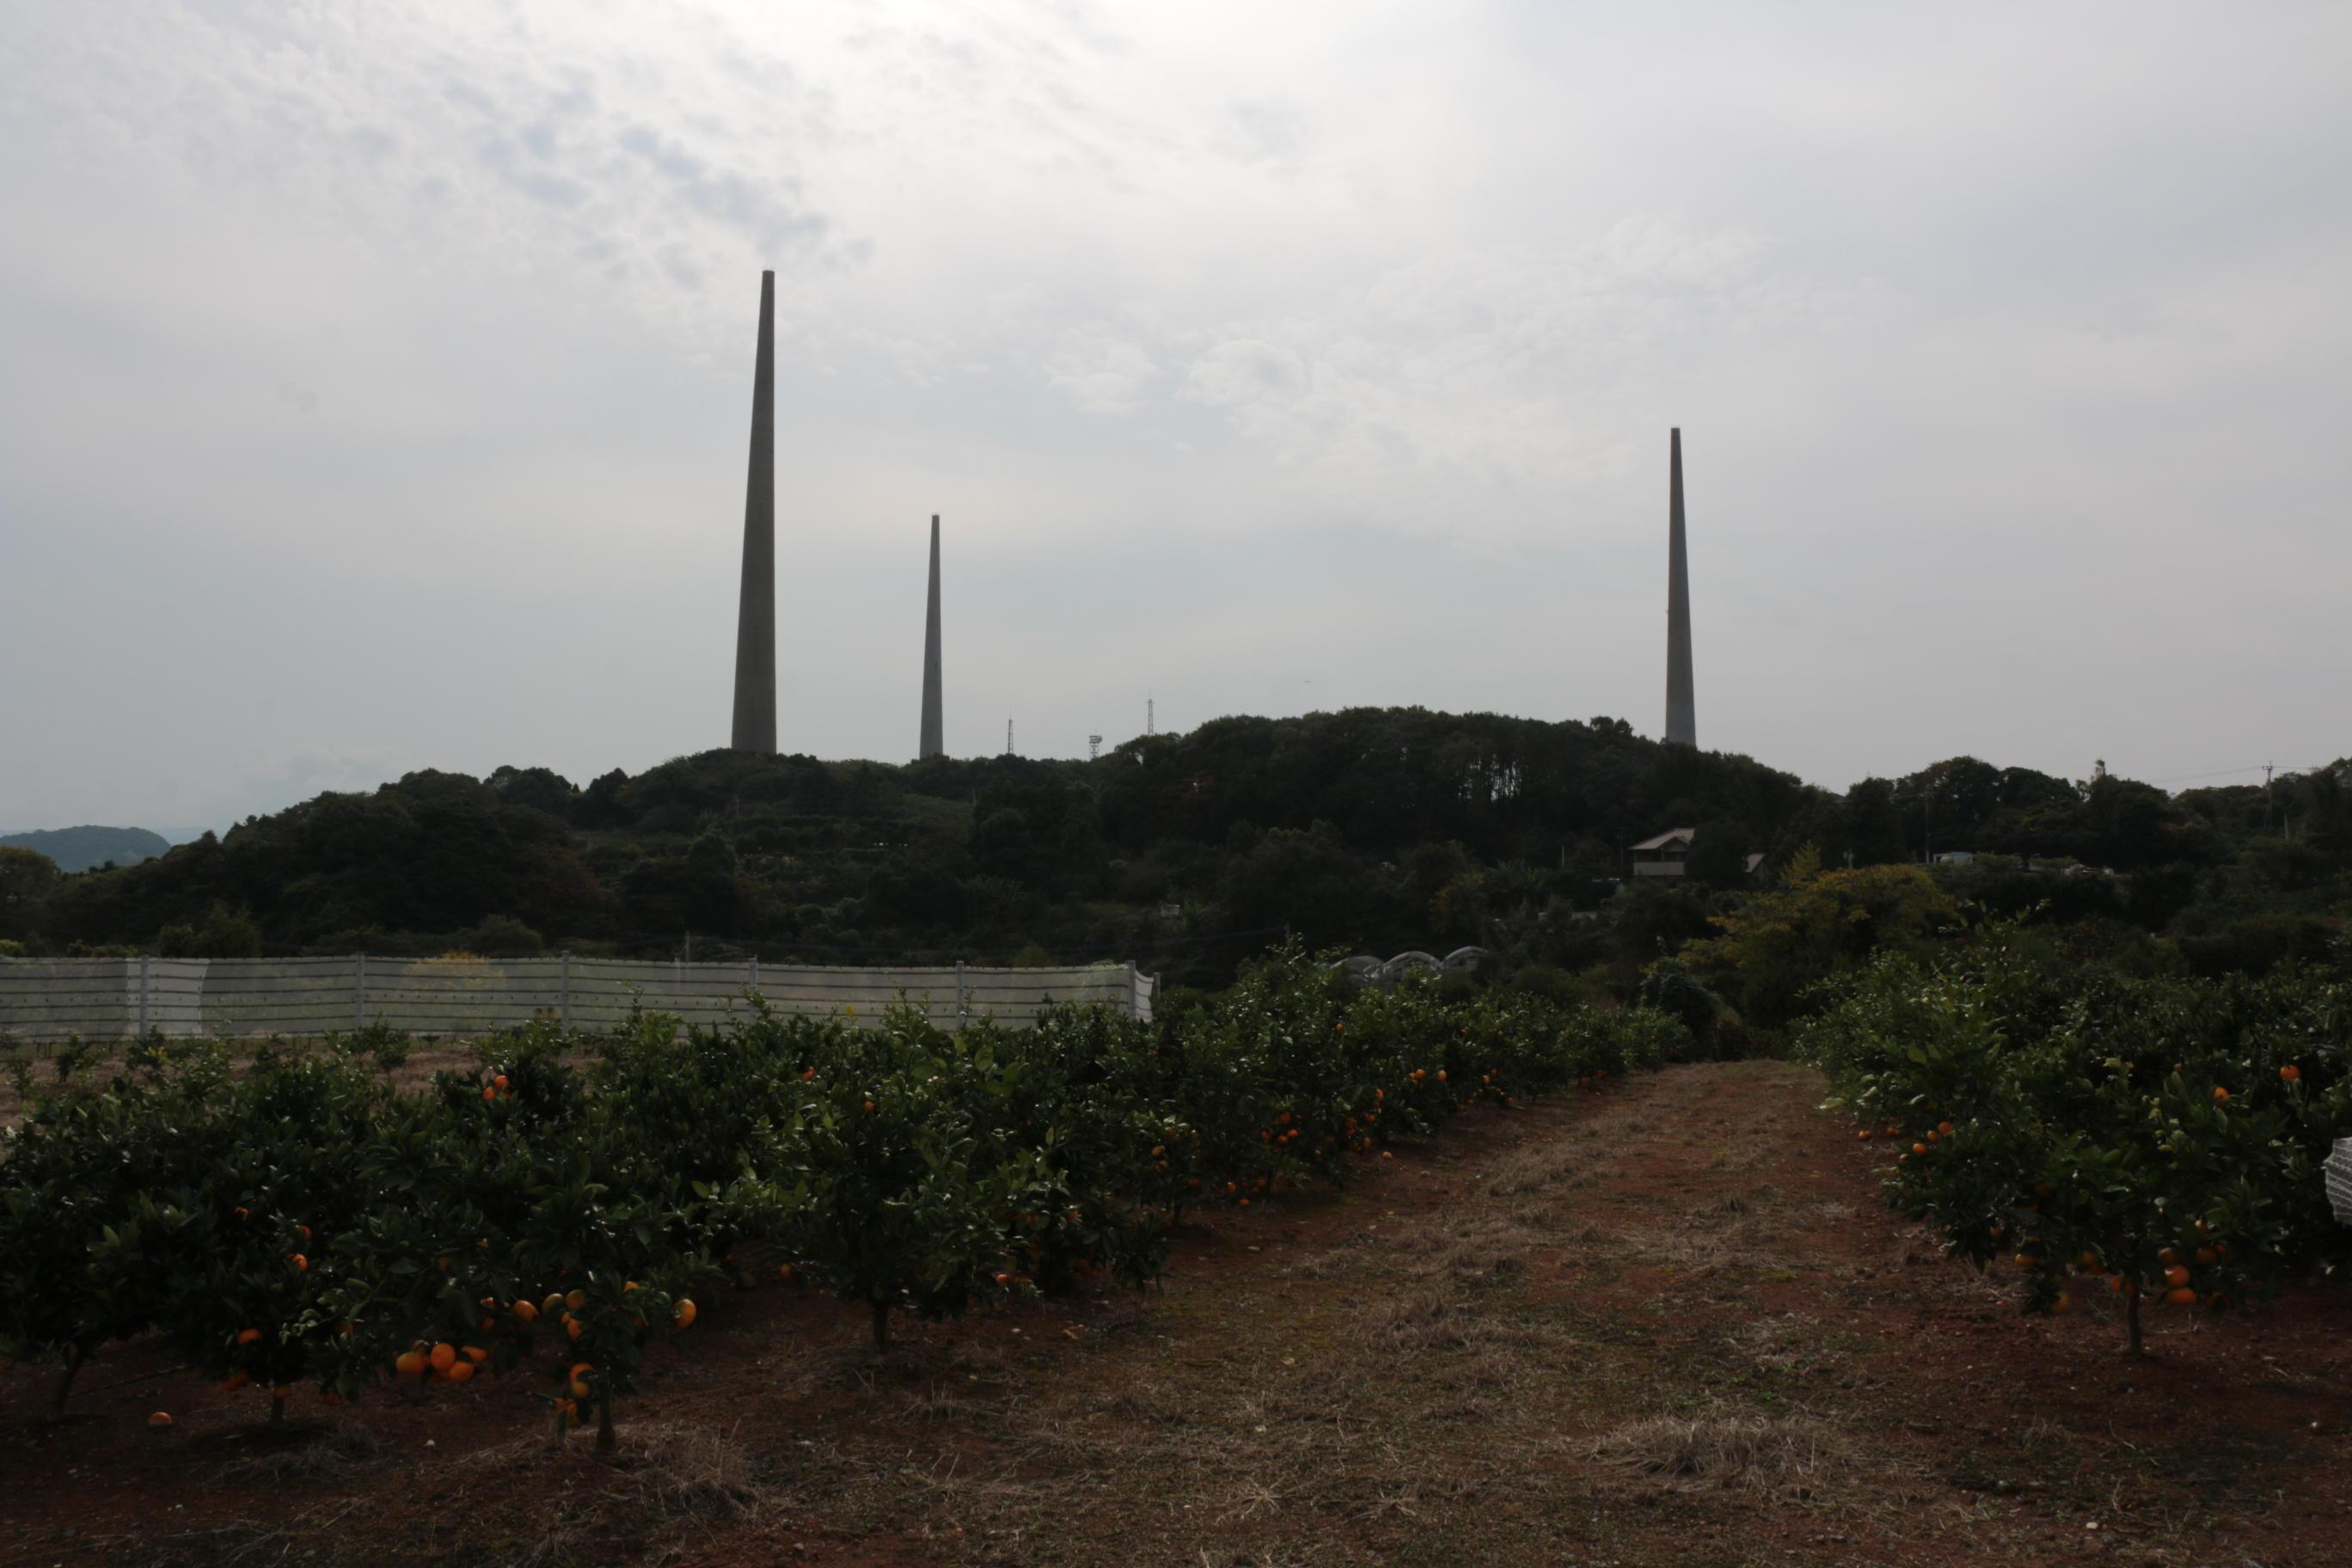 針尾島_02_地点の風景_s